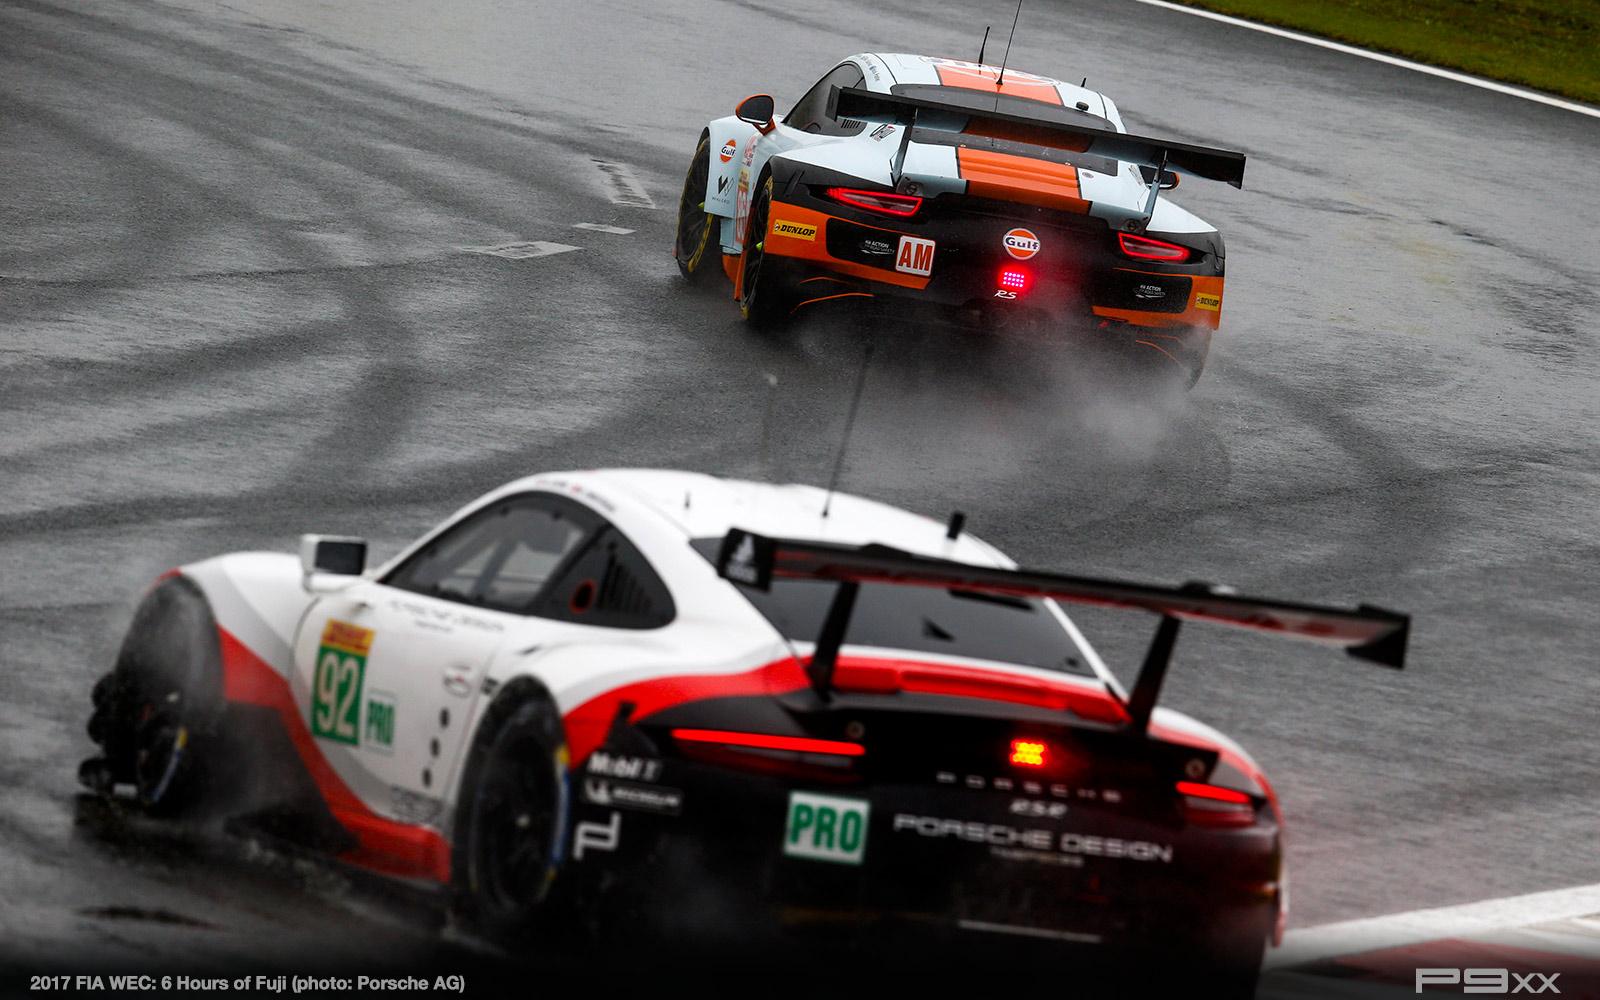 2017-FIA-WEC-6h-of-Fuji-Porsche-475